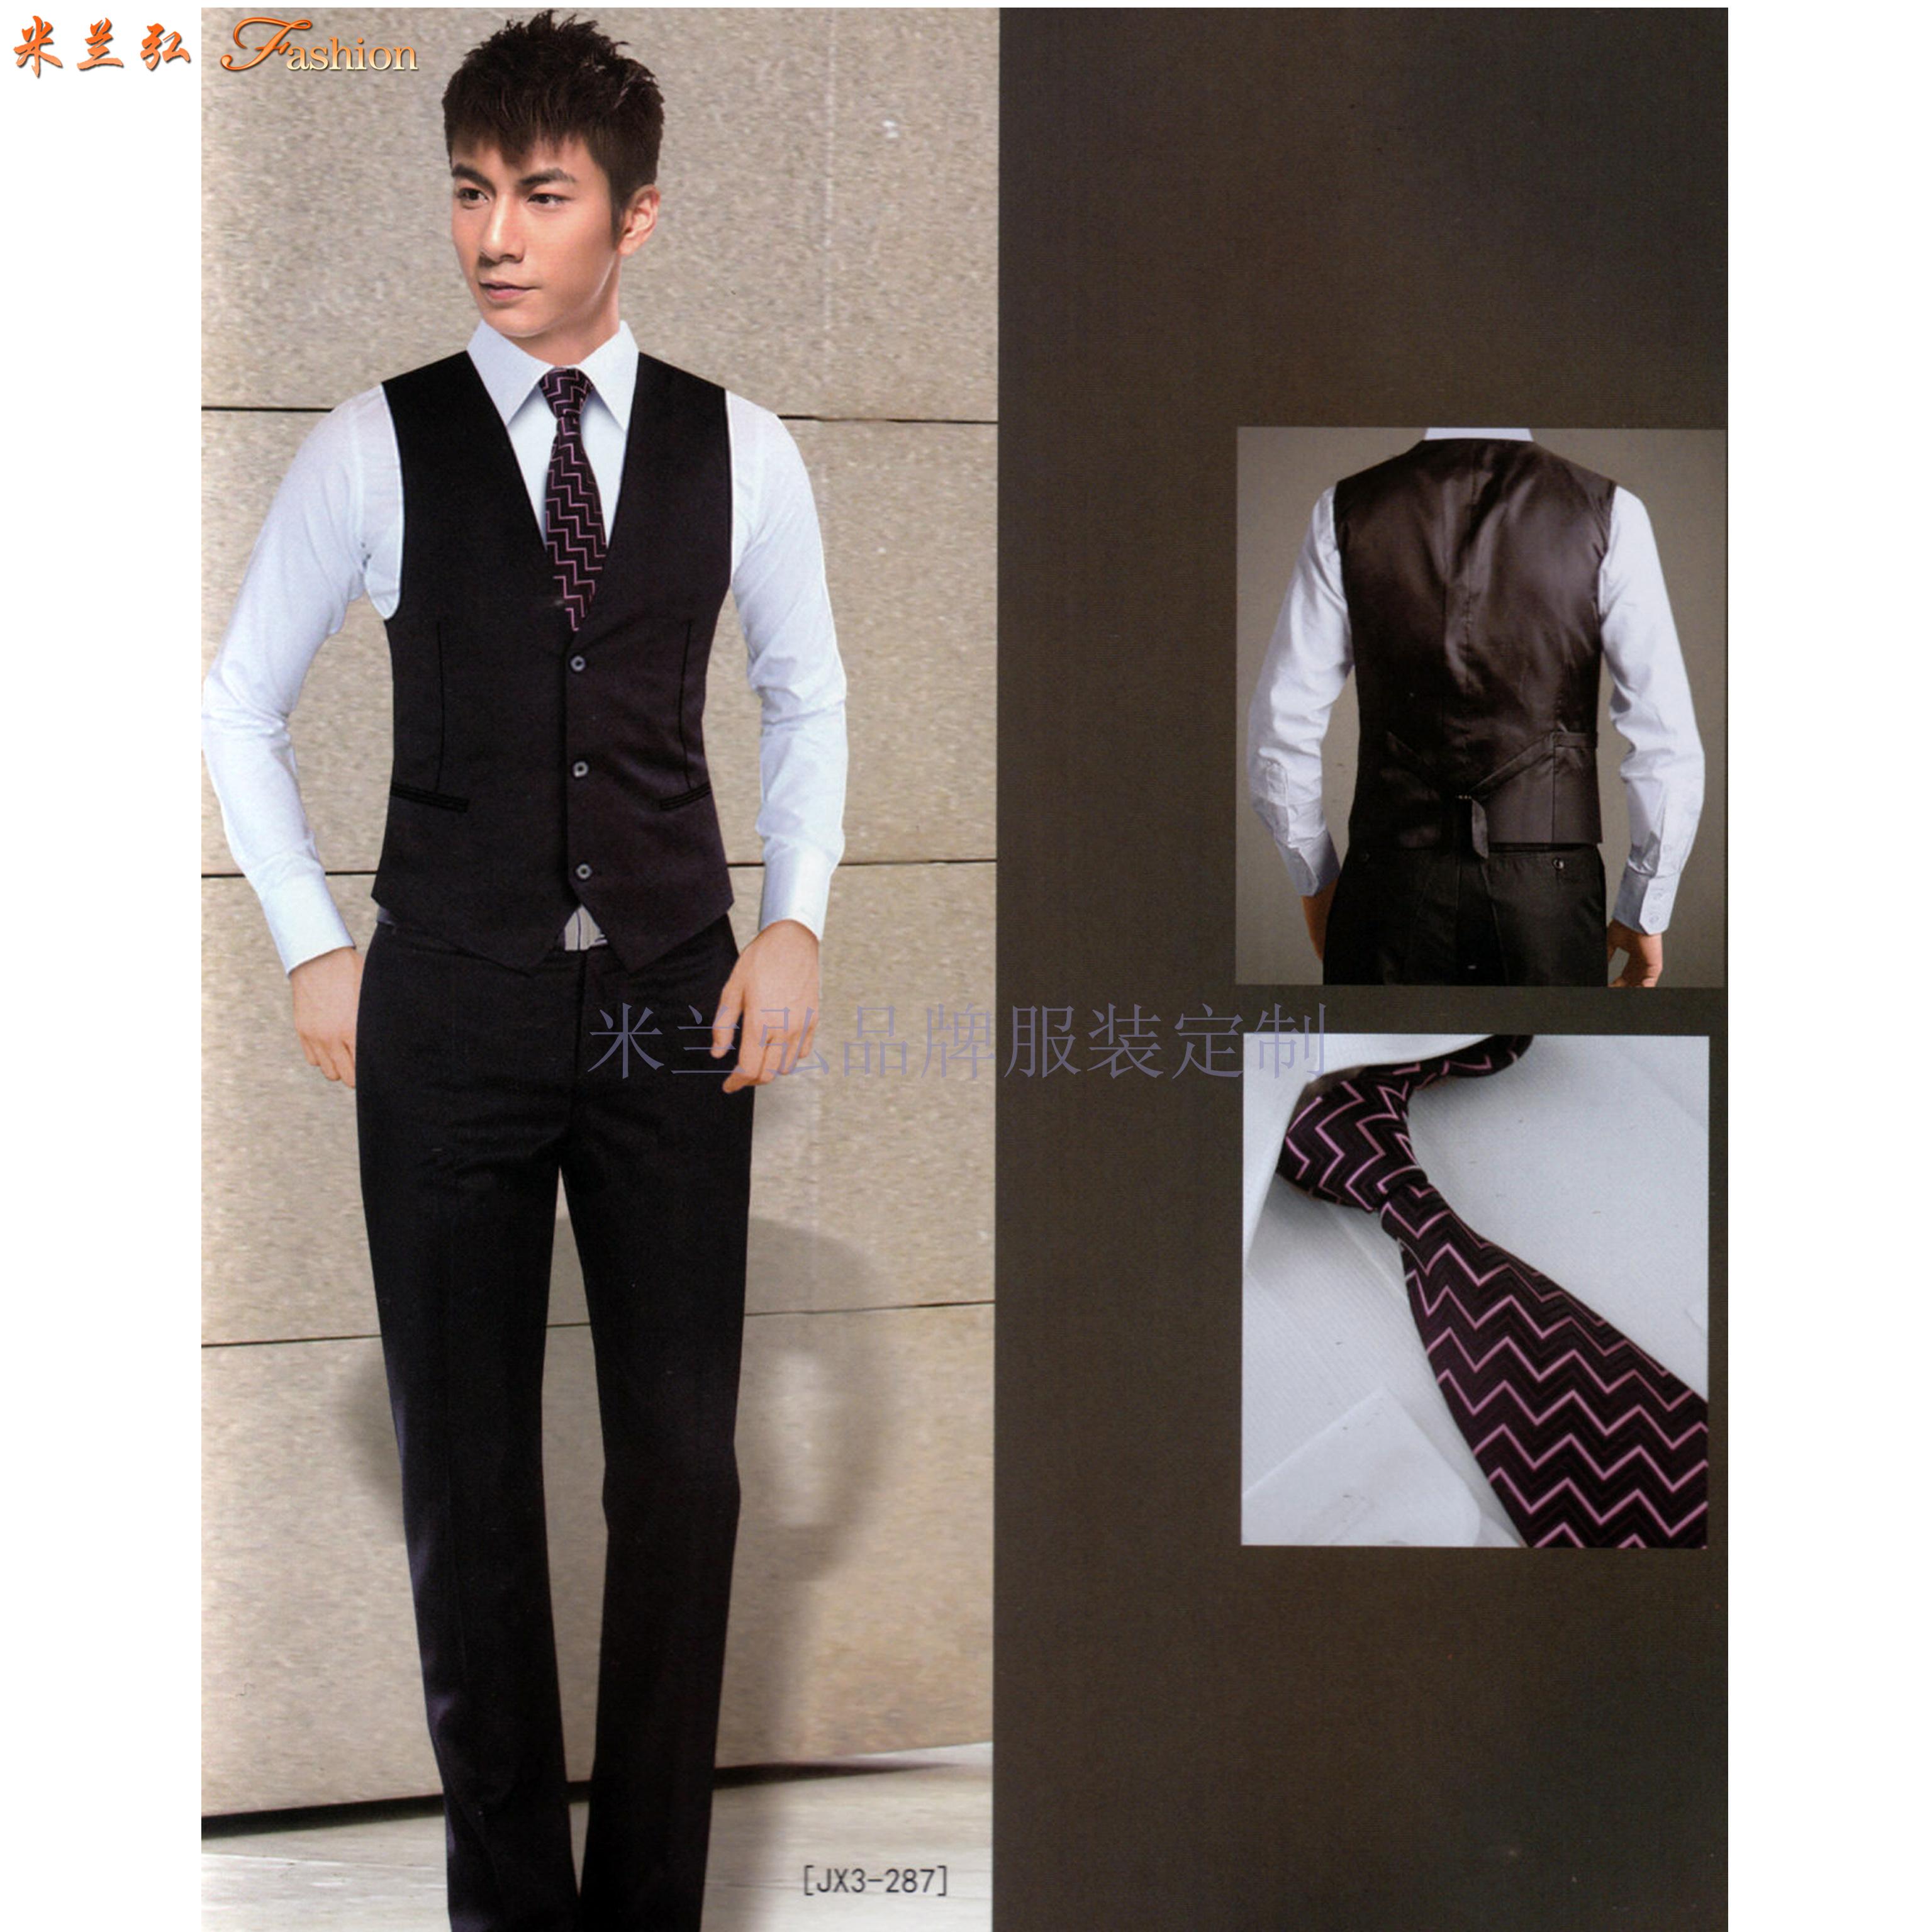 「男士商務西服定做」「男式羊毛西服定制」「男式品牌西裝訂制」-2